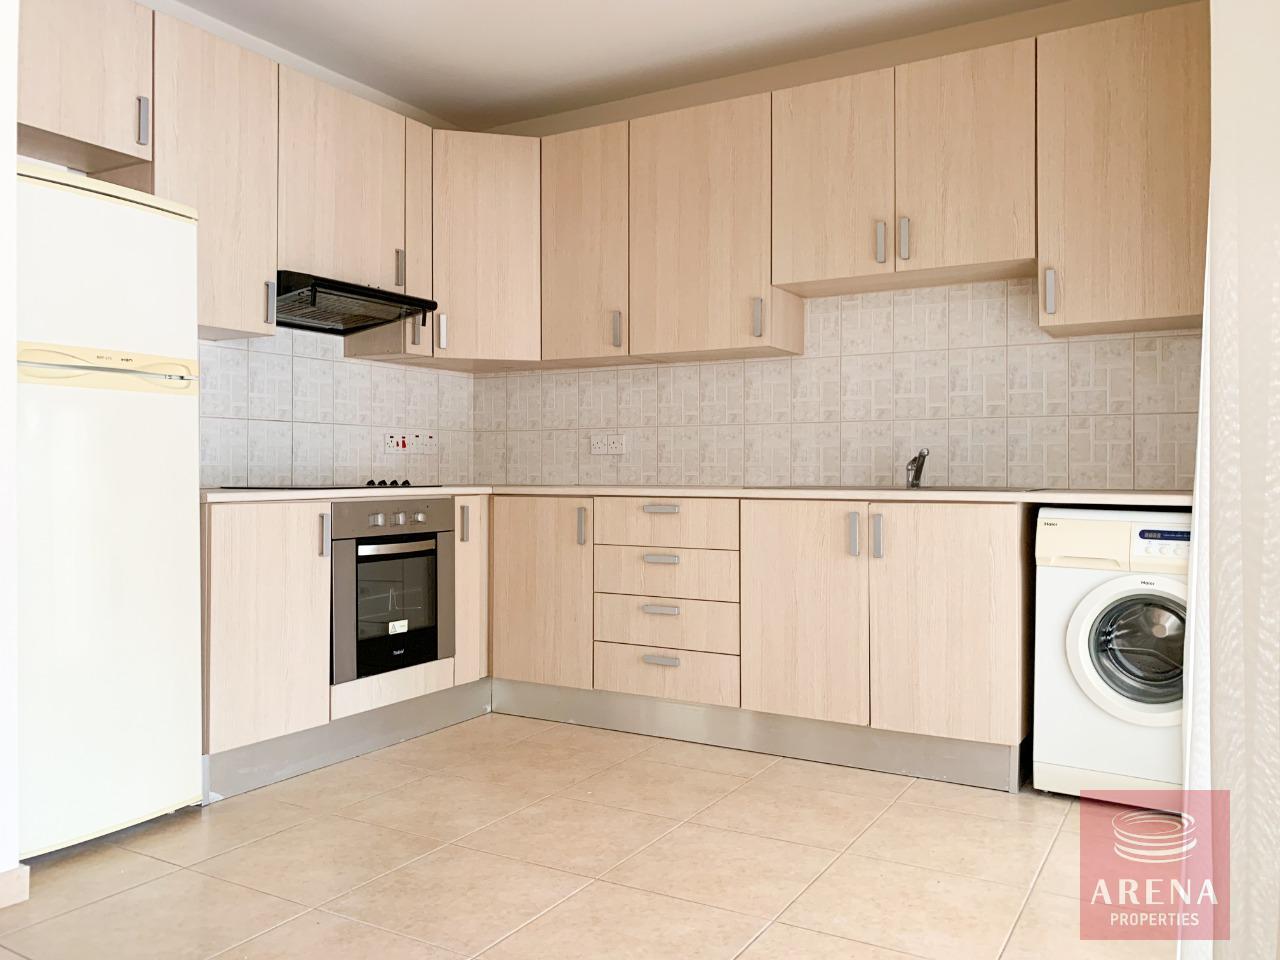 Apt for sale in Larnaca - kitchen